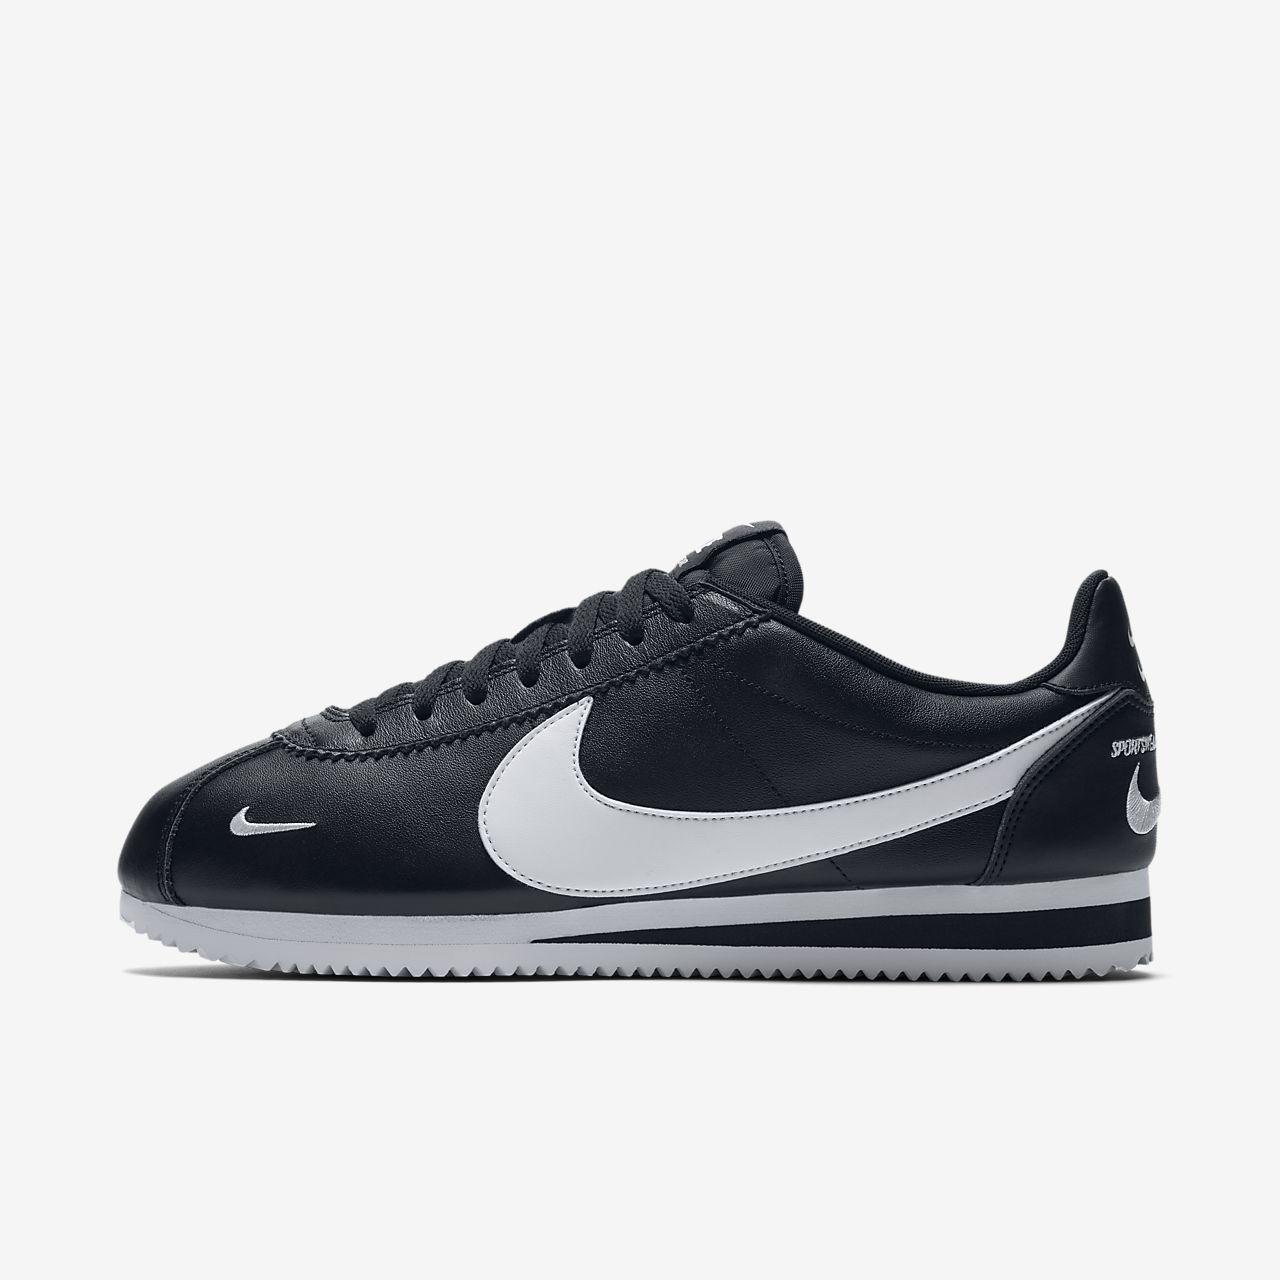 info for 74972 c6a68 Nike Classic Cortez Premium